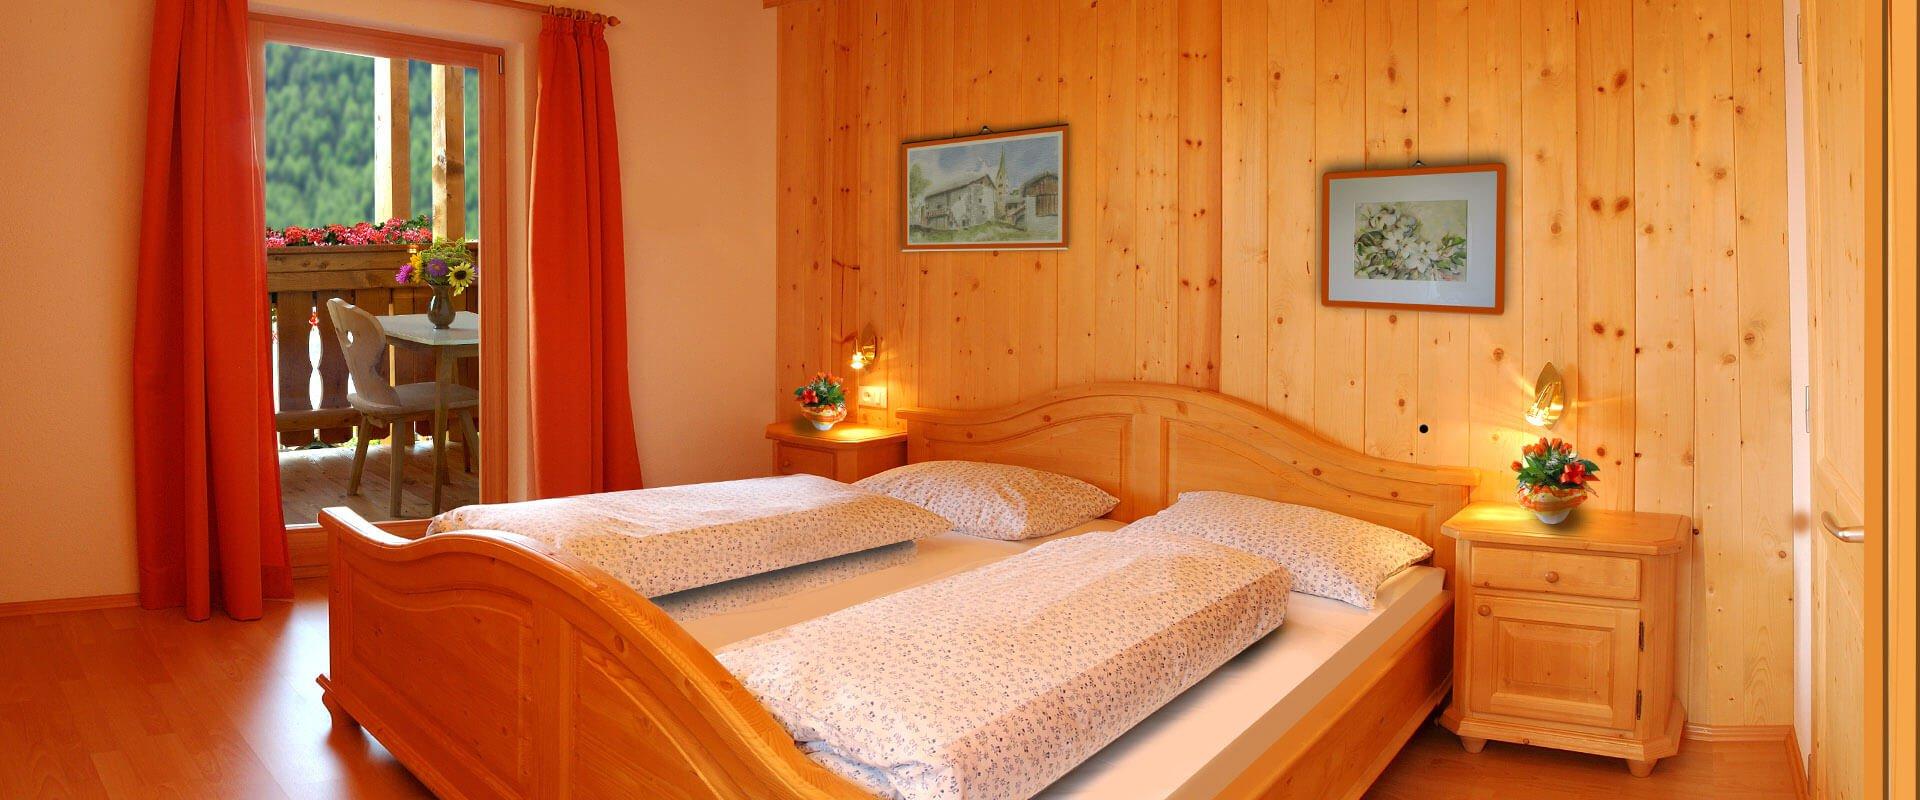 ferienwohnung brixen in suedtirol unterkunft plose schlafzimmer